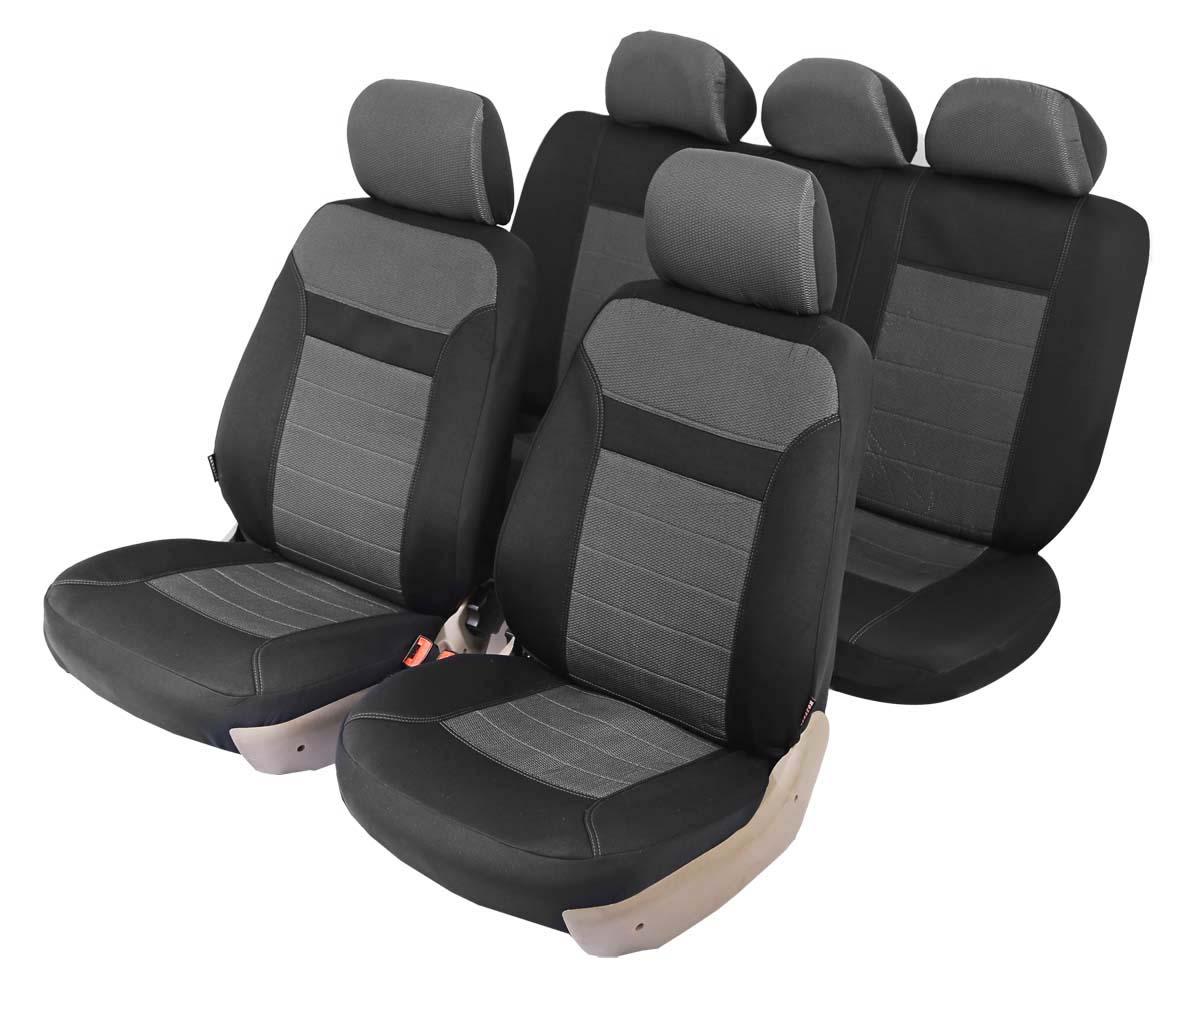 Чехол на автомобильное кресло универсальный Senator New York, размер M, армированный жаккард, 11 предметов, карман, 6 молний, цвет: серыйSJ081162Универсальные классические чехлы из сверхпрочного жаккарда. Применимы для 95% легкового автопарка РФ.Благодаря особому крою типа «В» чехлы идеально облегают сидения автомобиля. Специальный боковой шов позволяет применять авто чехлы в автомобилях с боковыми подушками безопасности (AIR BAG).Раздельная схема надевания обеспечивает легкую установку авто чехлов. Дополнительное удобство создает наличие предустановленных крючков, утягивающего шнура, фиксирующей липучки на передних спинках, а также предустановленной прорези для установки подголовника.Материал триплирован огнеупорным поролоном 5 мм, за счет чего чехол приобретает дополнительную мягкость и устойчивость к возгоранию.Авточехлы Senator Жаккард New York износоустойчивы и легко стираются в стиральной машине.